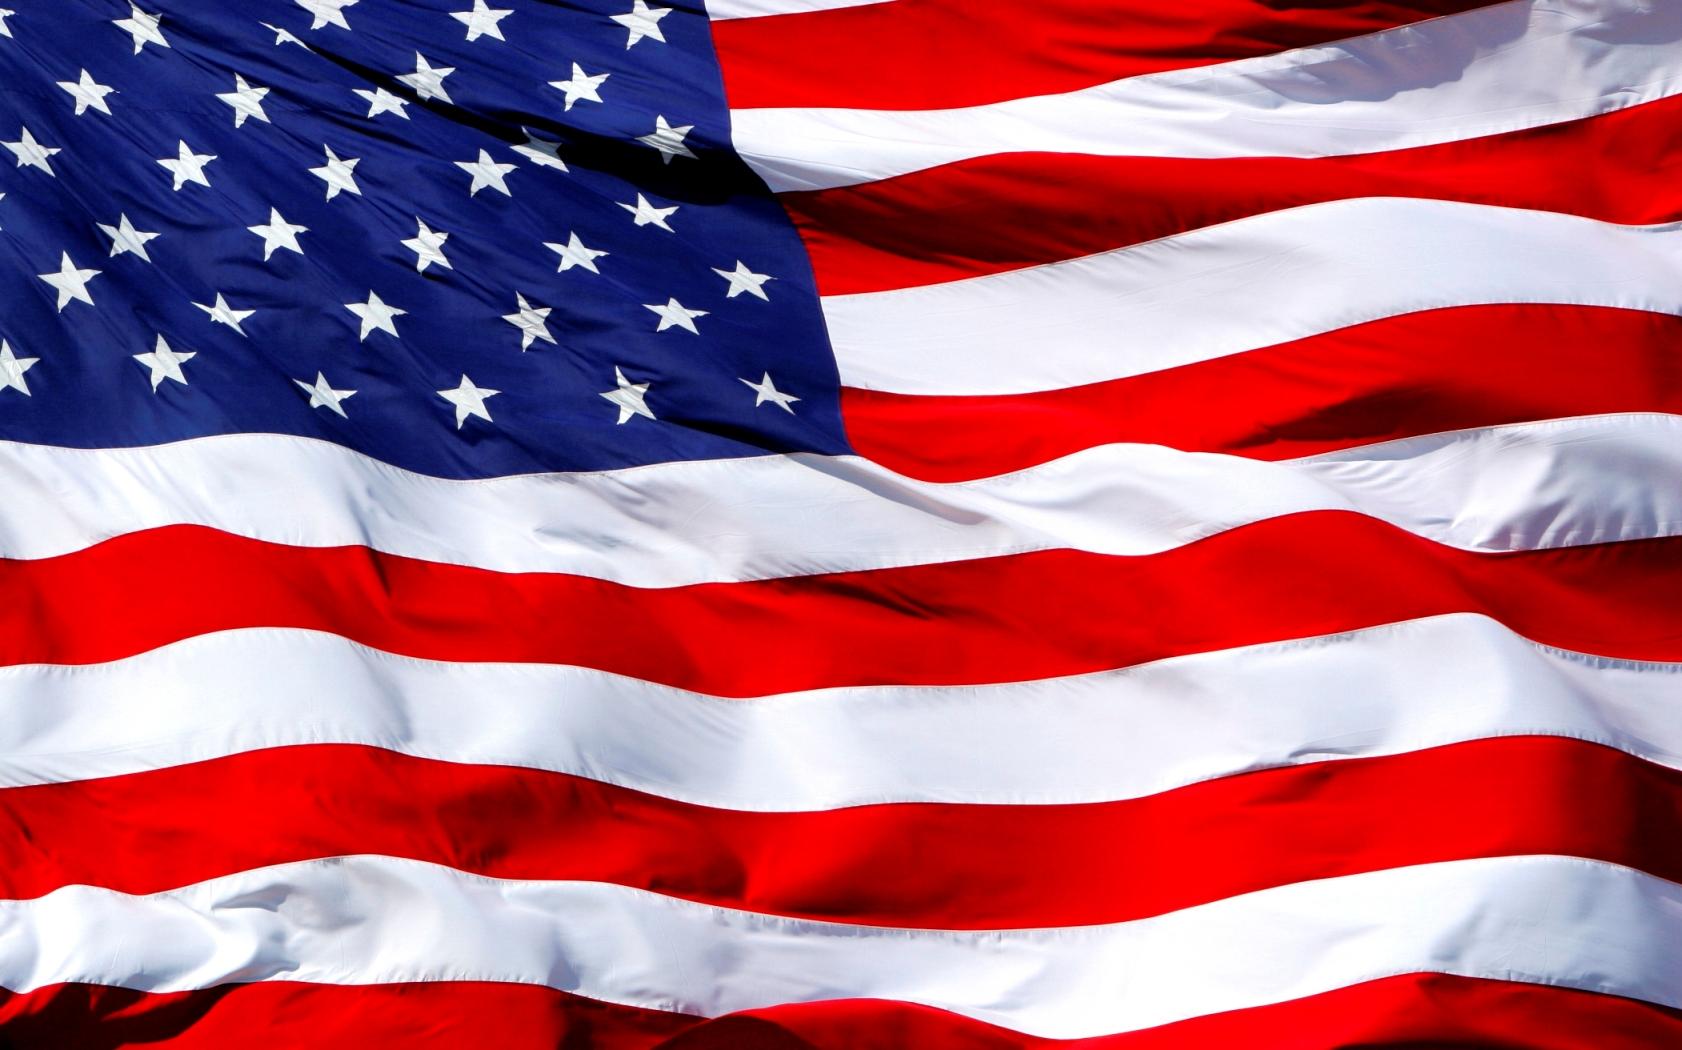 American Flag Wallpaper wallpaper American Flag Wallpaper hd 1682x1050